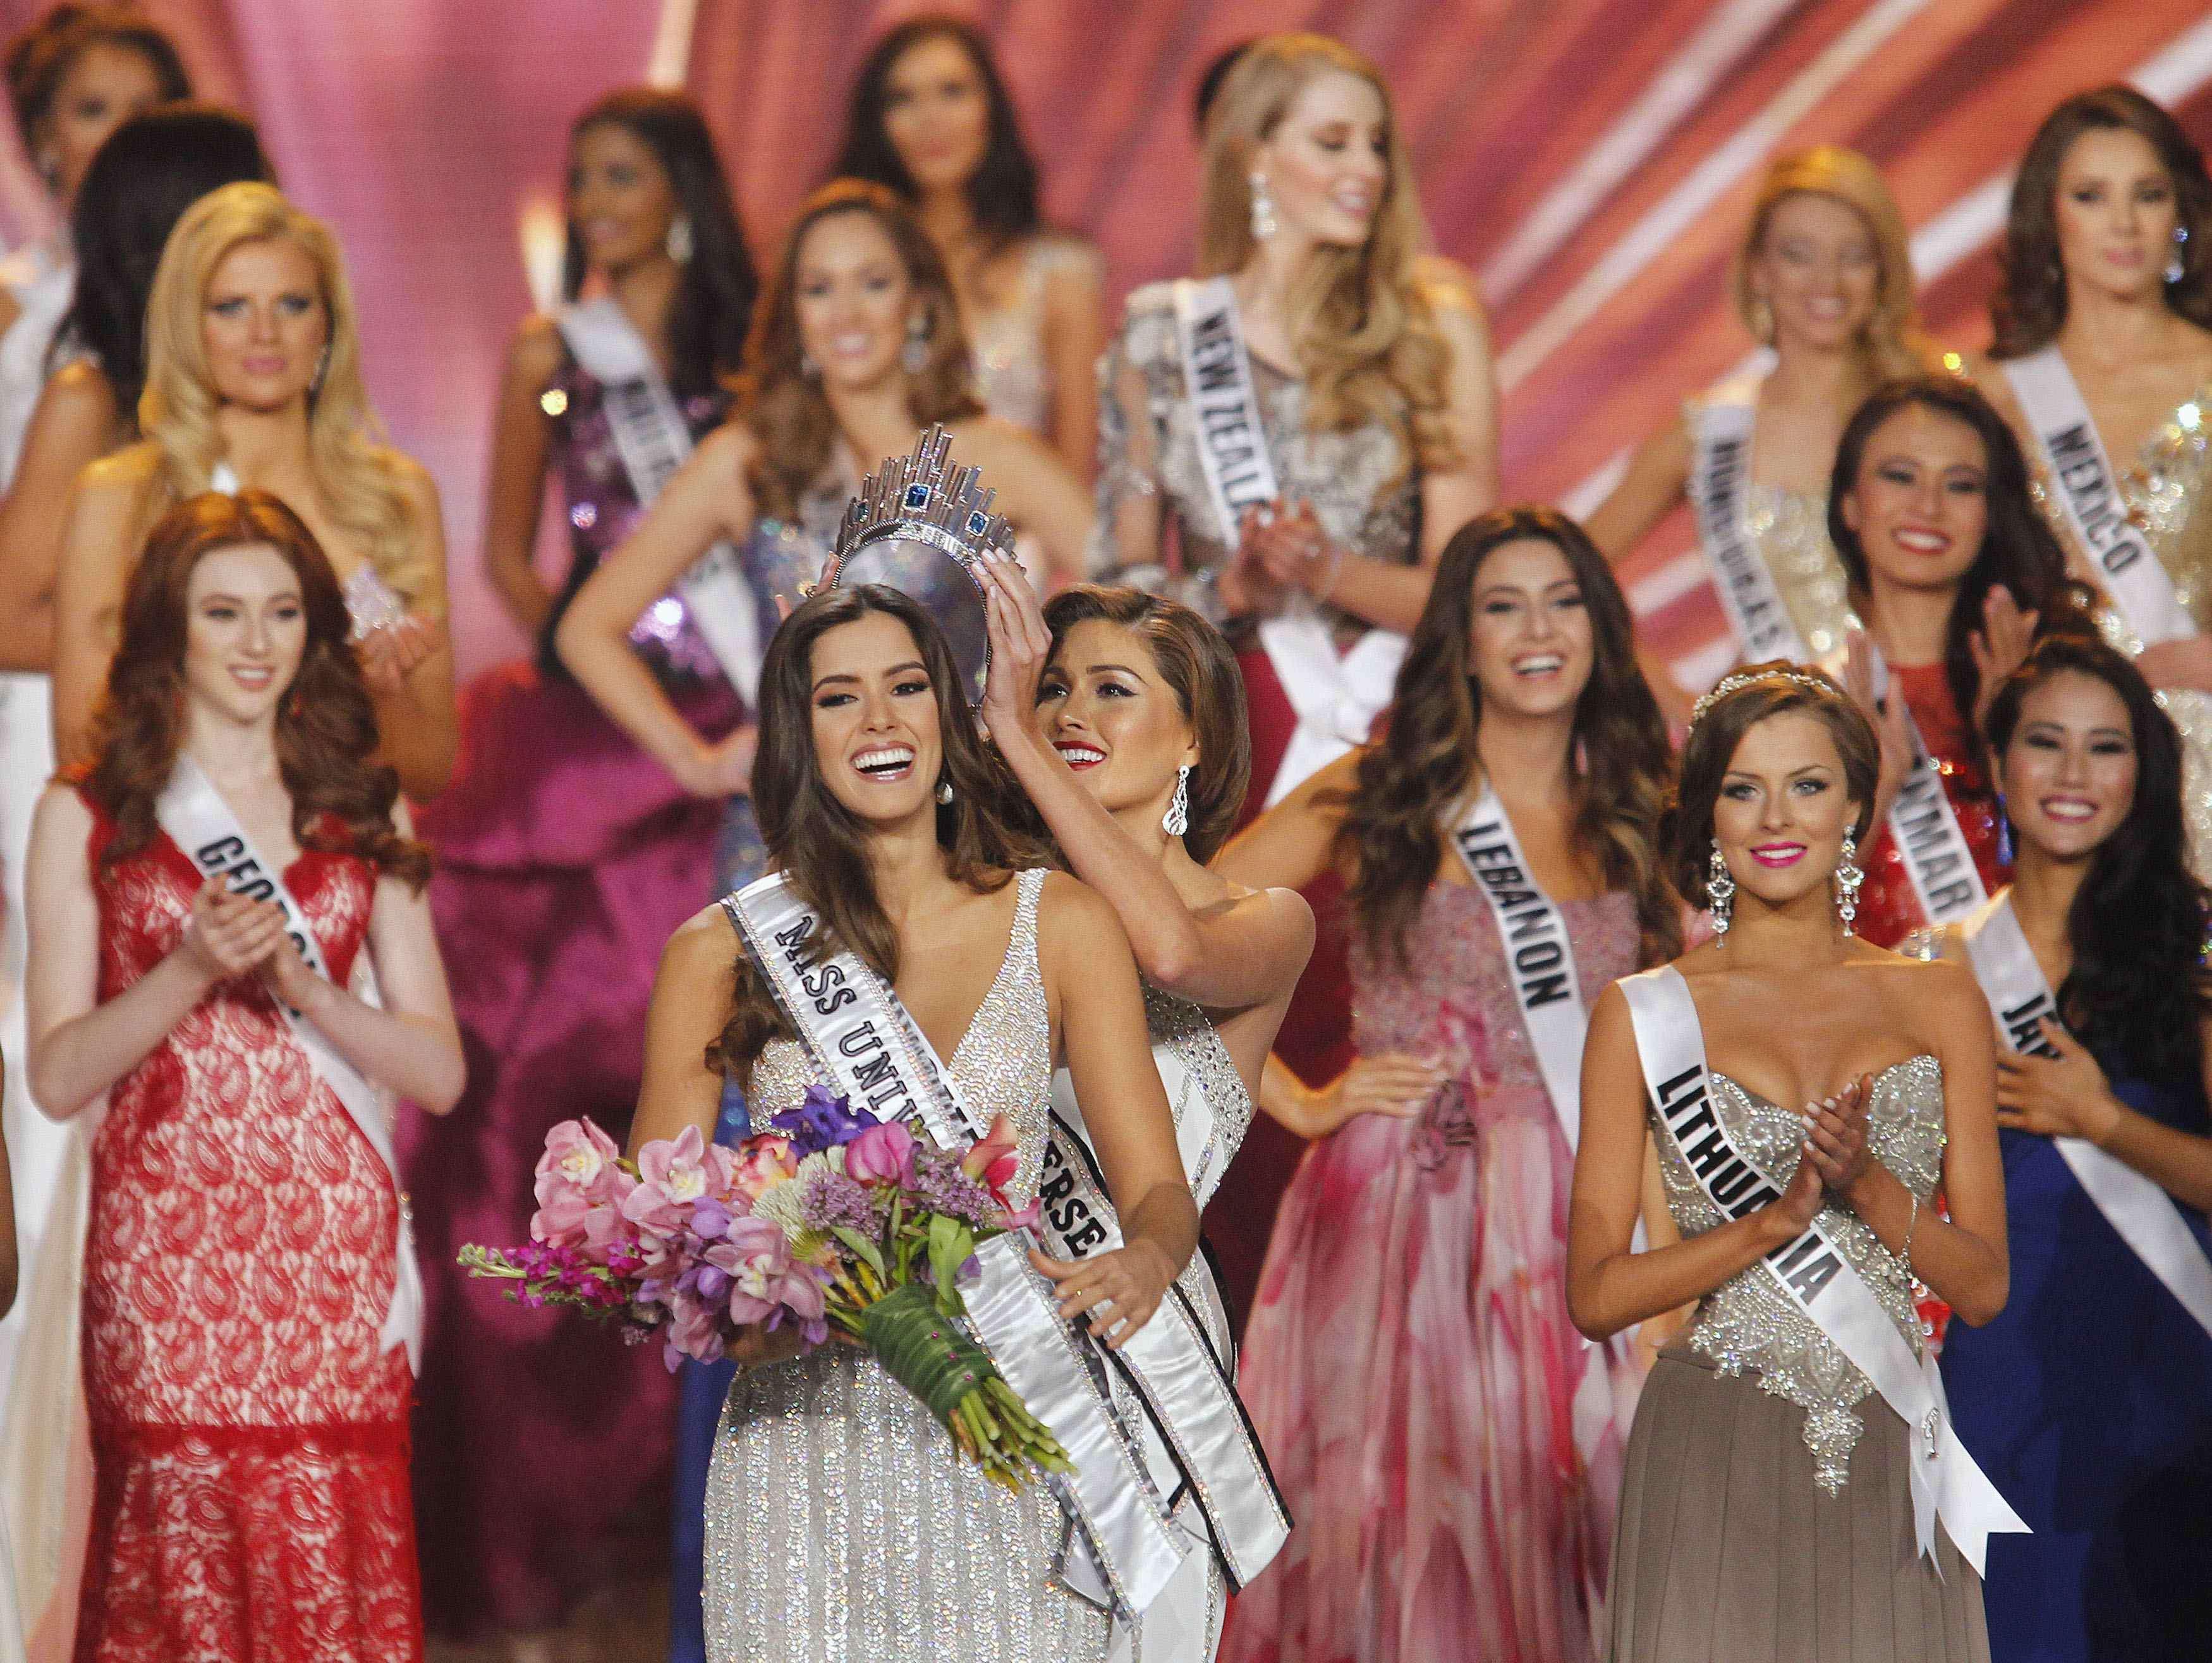 A 63ª edição do Miss Universo foi realizado em Miami, nos Estados Unidos, na noite desse domingo (25). A candidata colombiana Paulina Veiga foi a grande vencedora. Foto: Andrew Innerarity/Reuters